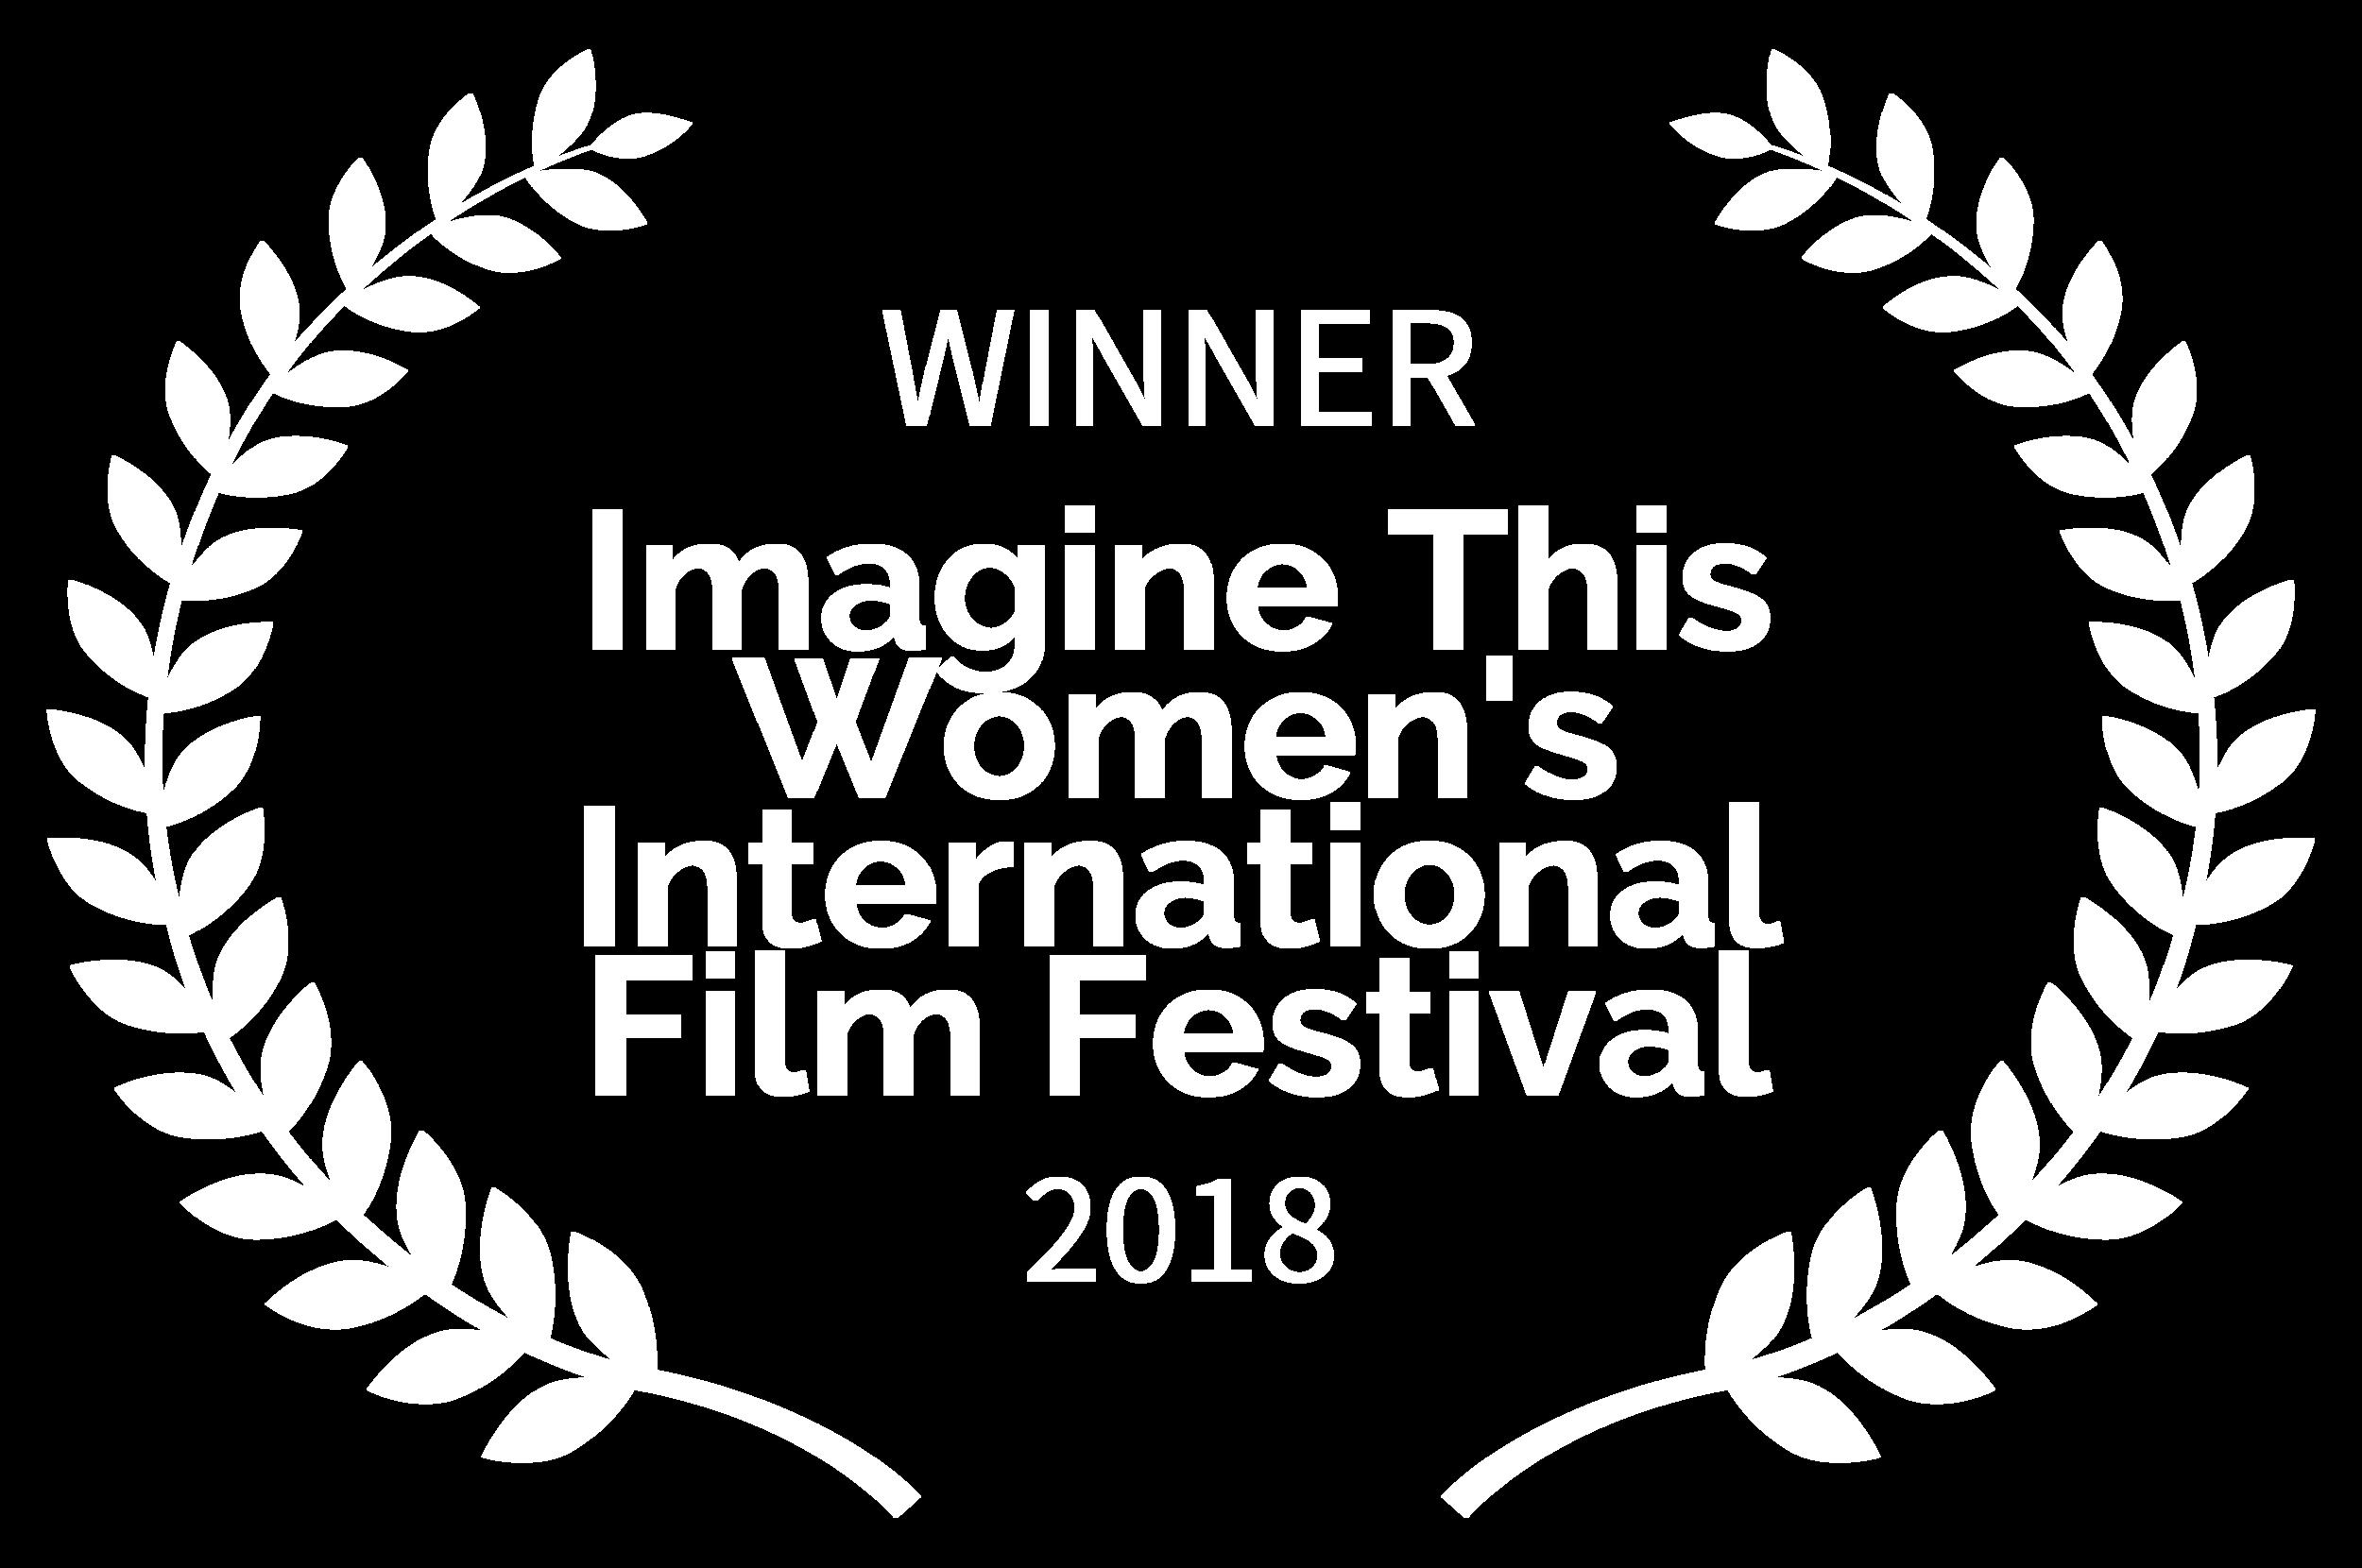 WINNER-ImagineThisWomensInternationalFilmFestival-2018 (1).png